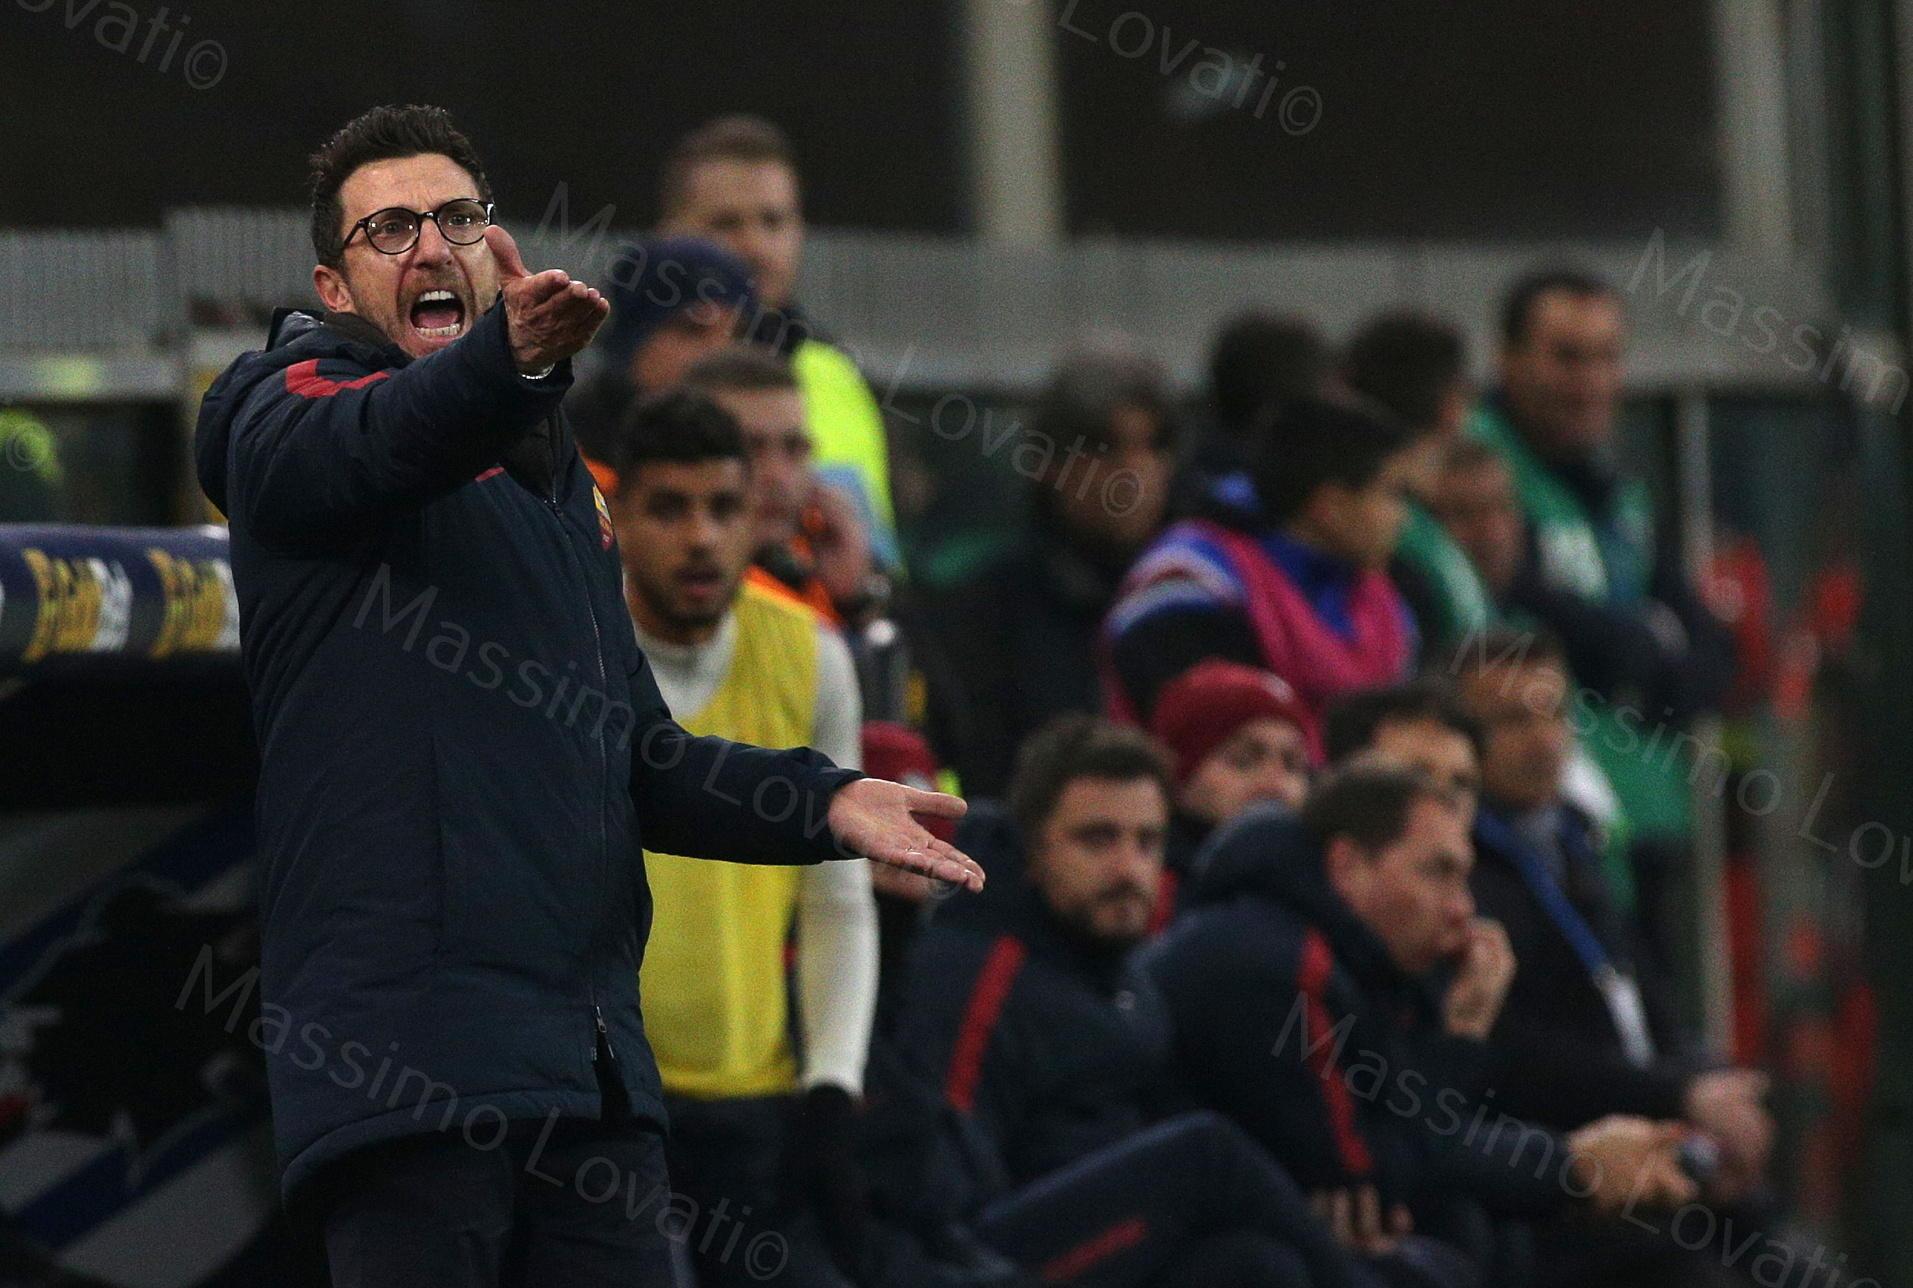 24/01/2018, Genova, Campionato di Calcio di Serie A, Sampdoria-Roma, nella foto Di Francesco